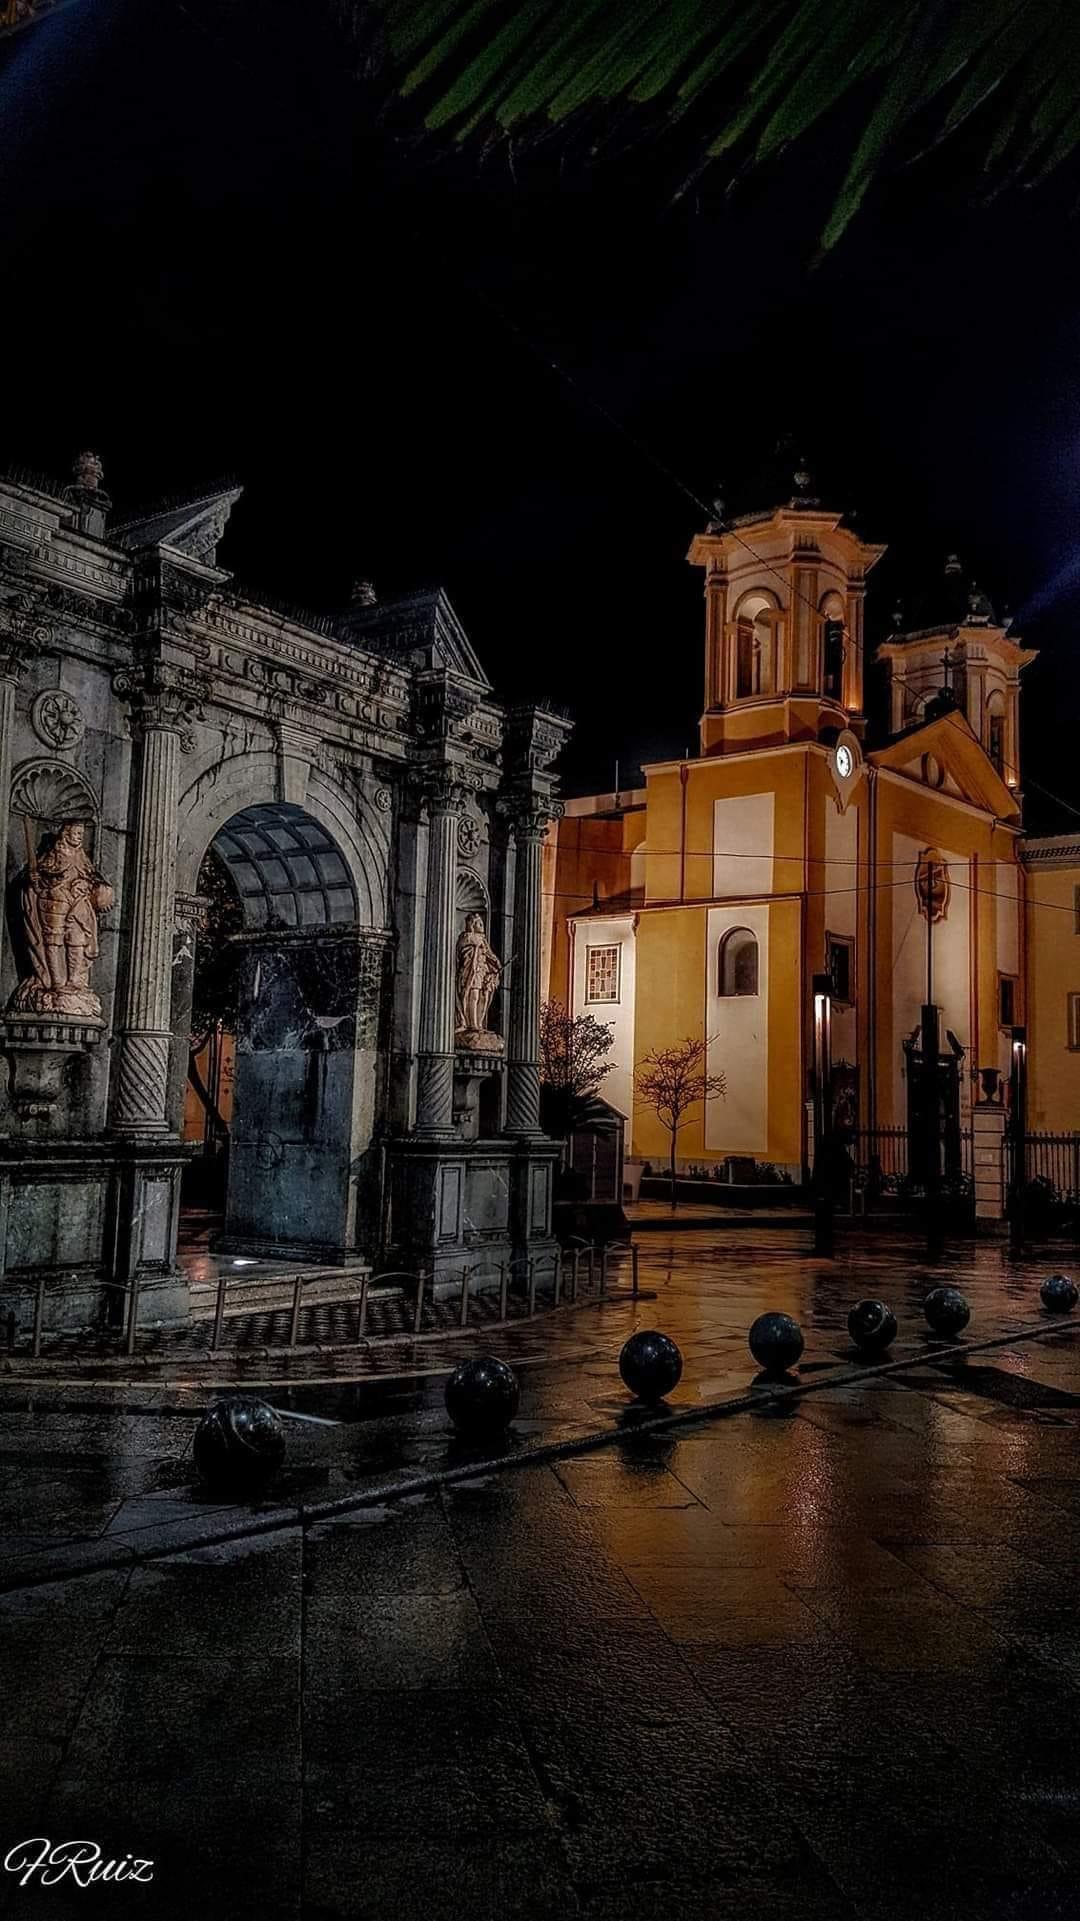 الصورة من مدينة سبتة